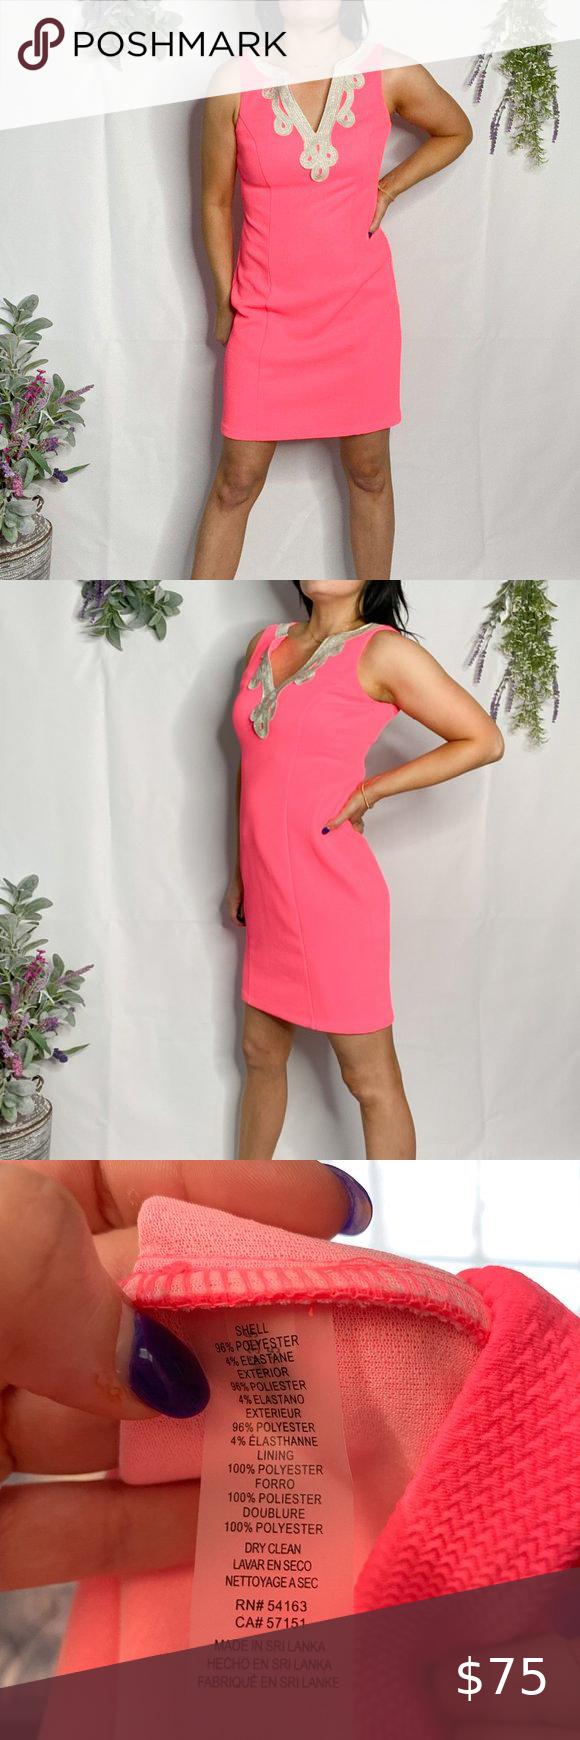 Vince Camuto Lace Applique Sheath Dress Pink Kk Vince Camuto Lace Applique Sheath Dress Neon Pink Metallic Gold Appl Sheath Dress Pink Dress Clothes Design [ 1740 x 580 Pixel ]